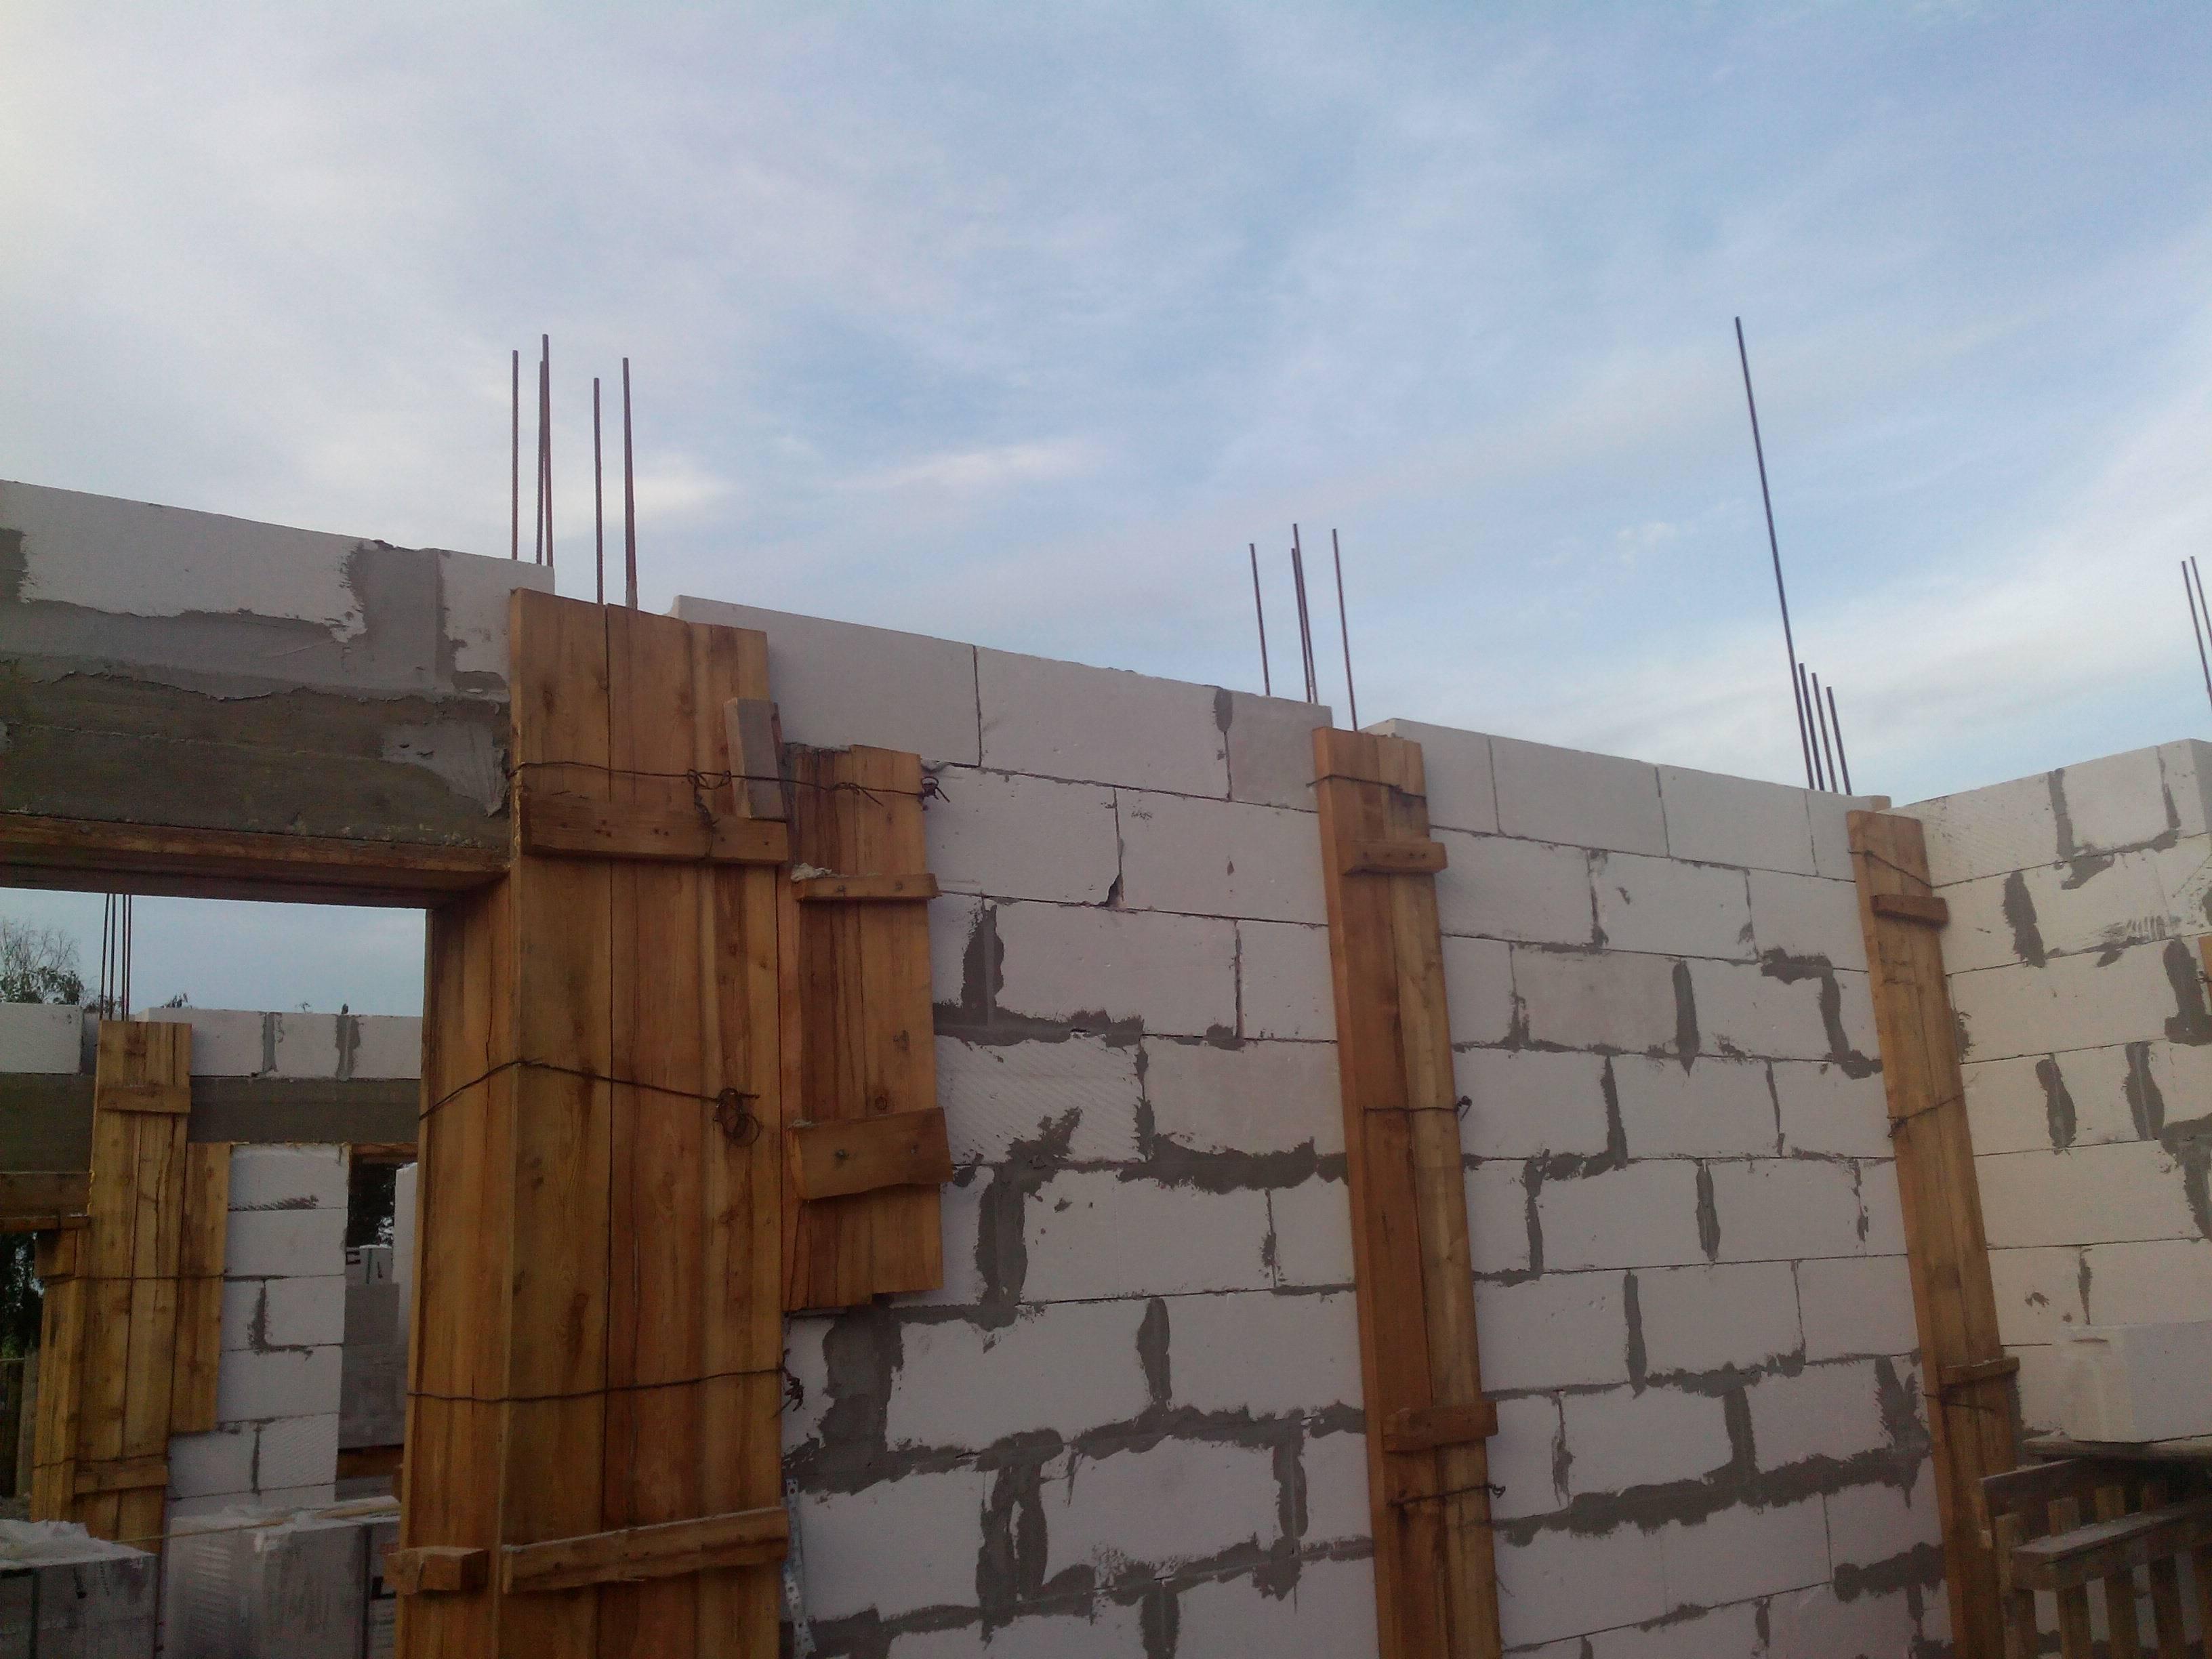 Из чего строить дом - из бруса или газобетона?